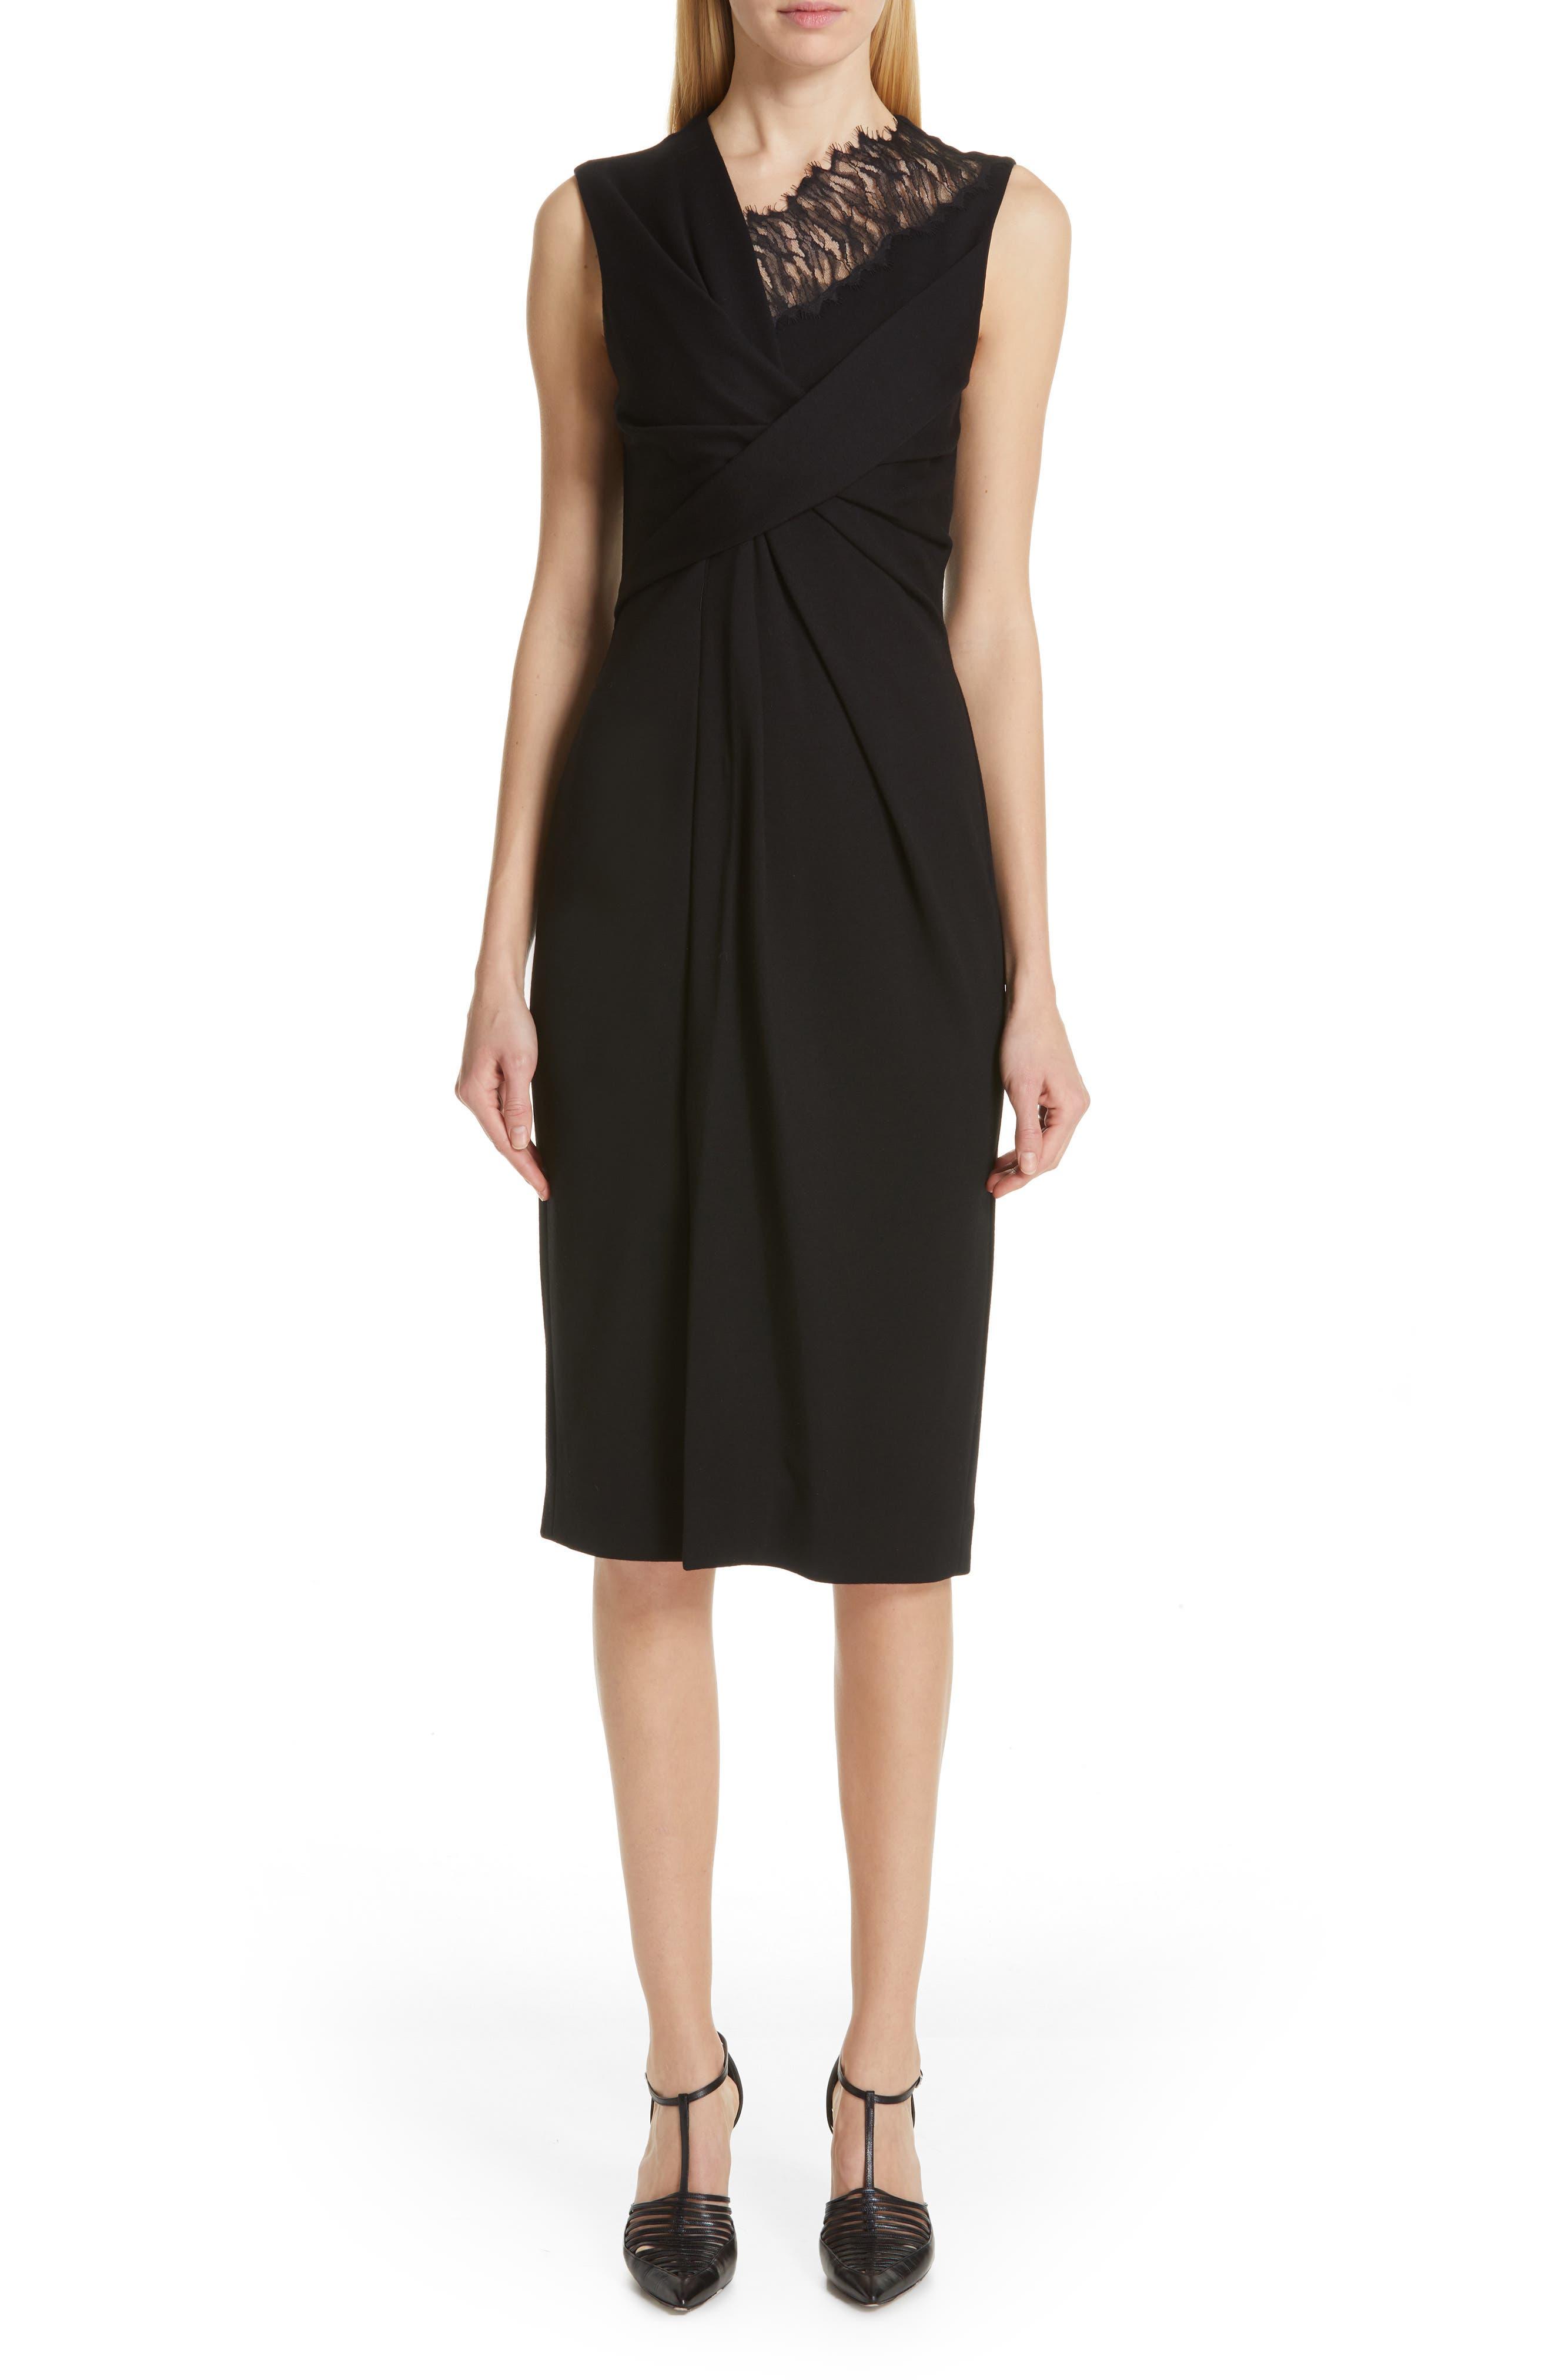 Jason Wu Collection Lace Trim Jersey Sheath Dress, Black